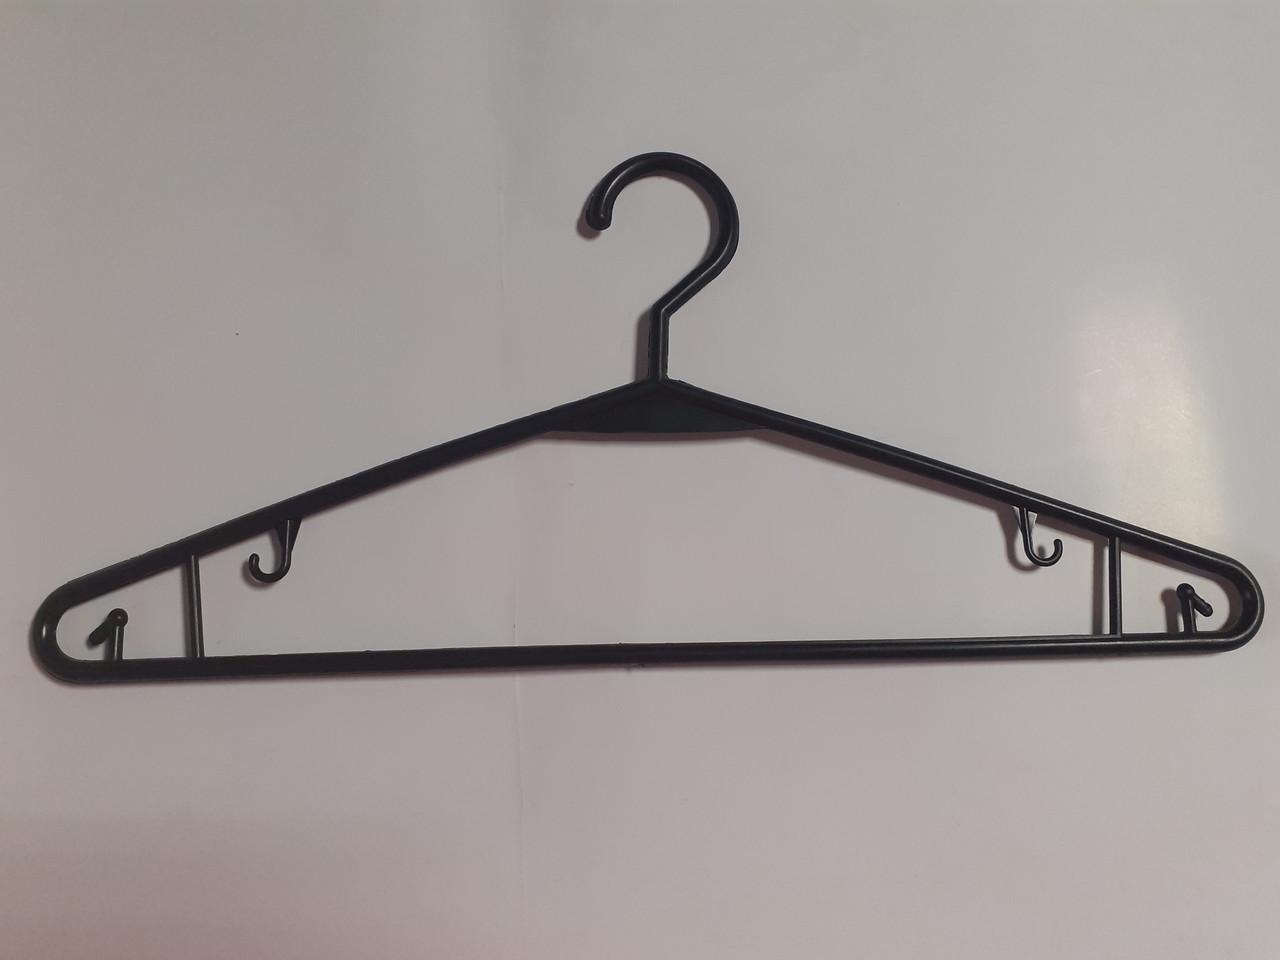 Пластиковые плечики, вешалки, тремпеля для взрослой одежды 40см жесткий крючок